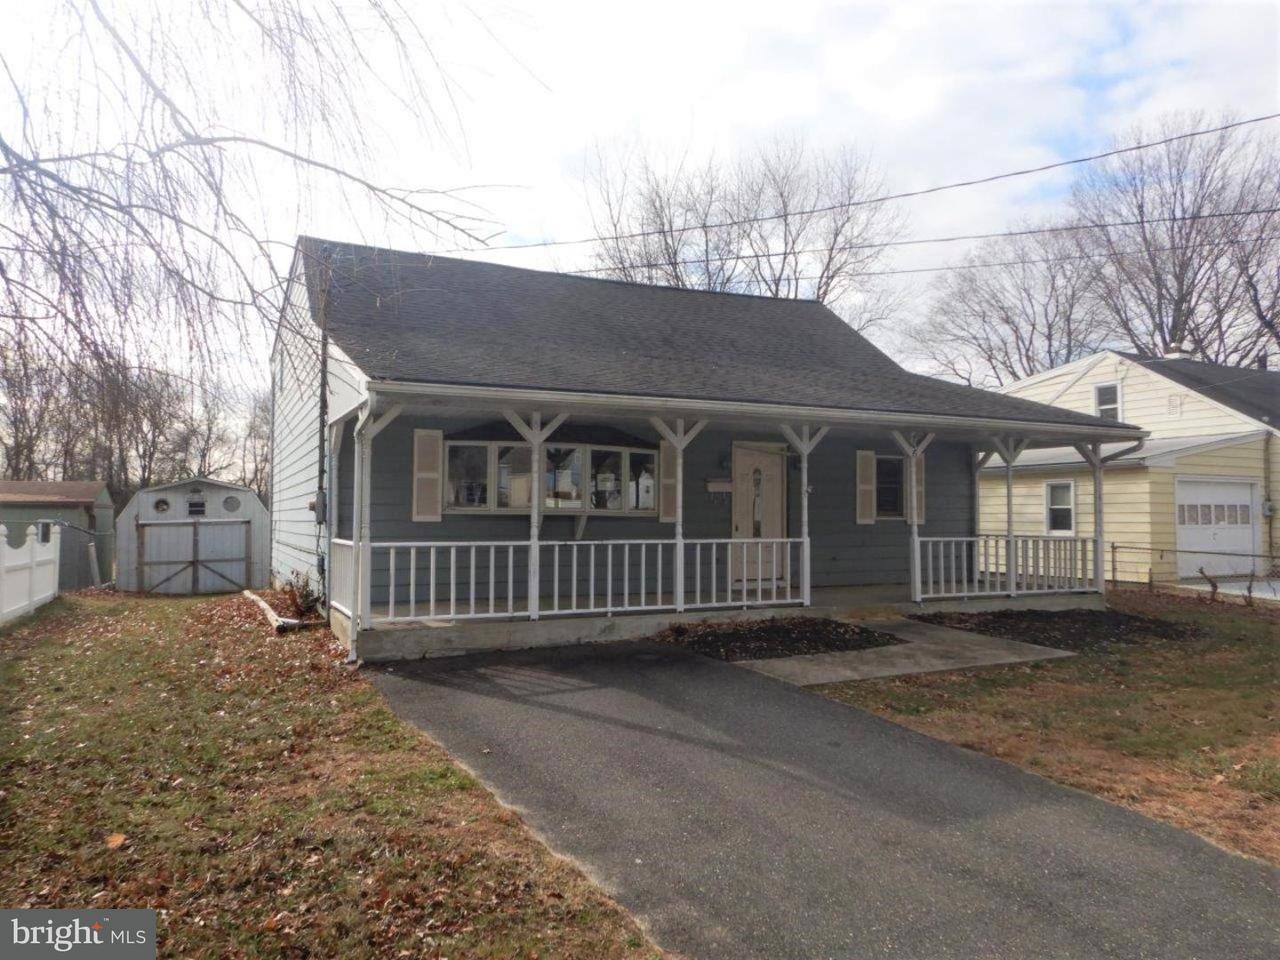 Частный односемейный дом для того Продажа на 406 MANOR Avenue Carneys Point, Нью-Джерси 08069 Соединенные Штаты